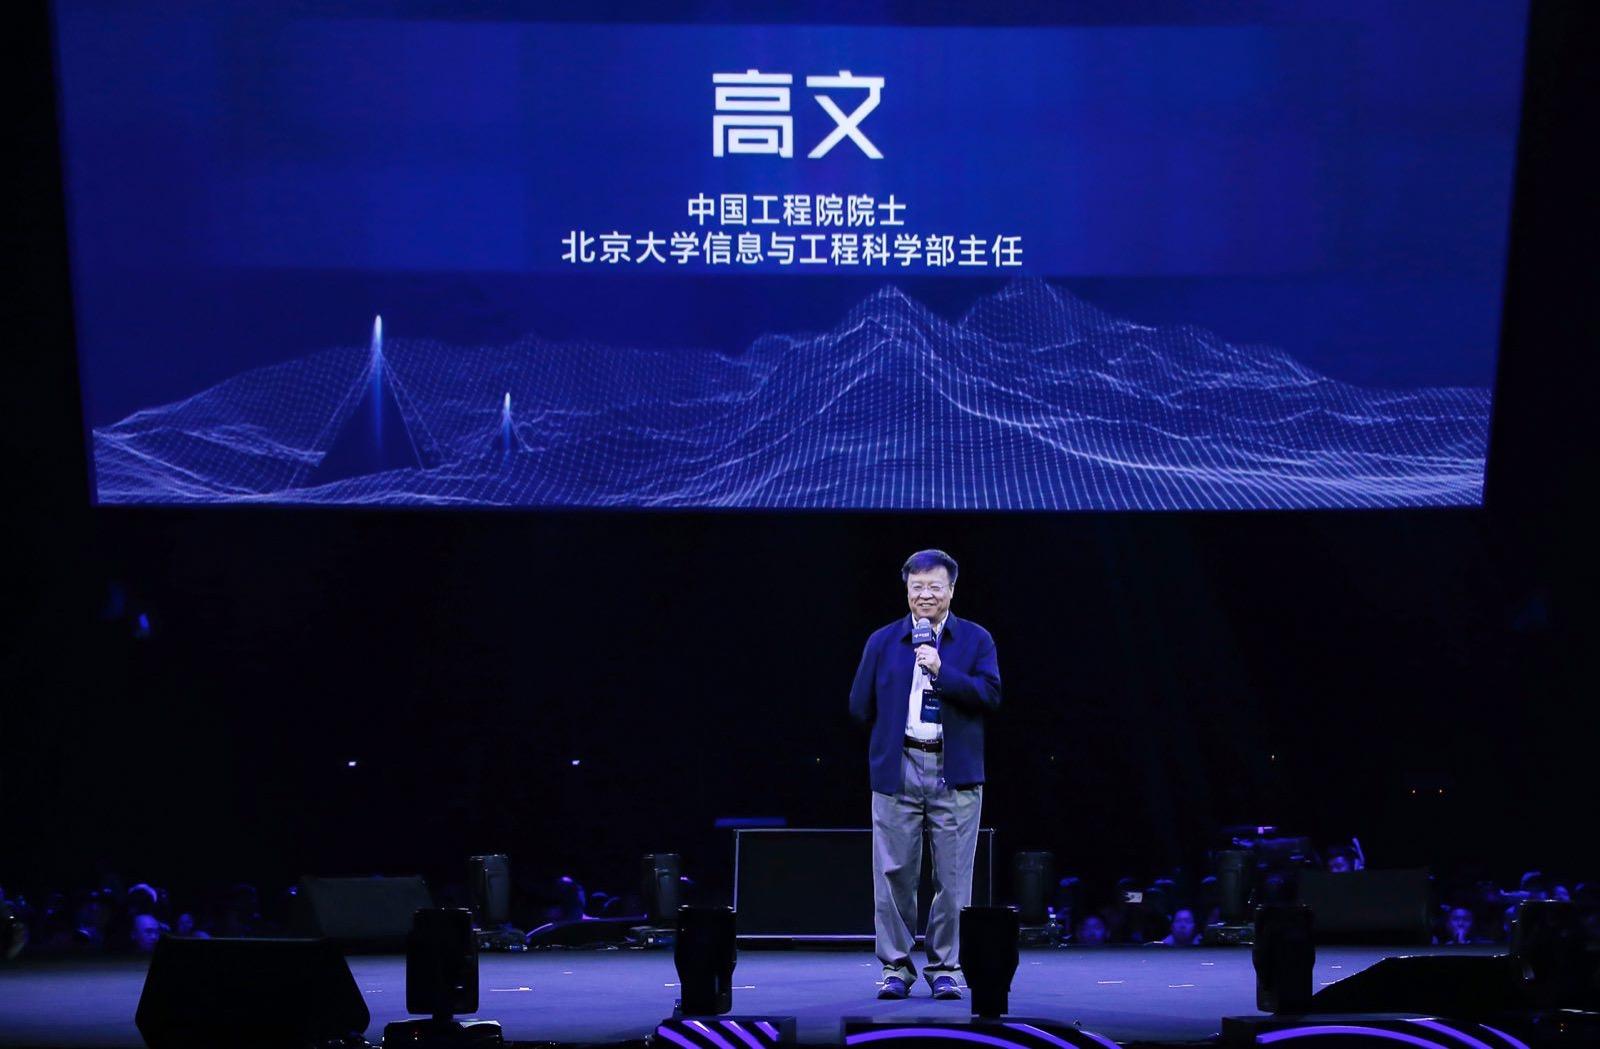 中国工程院院士高文:满足三个条件 机器可以赢人类